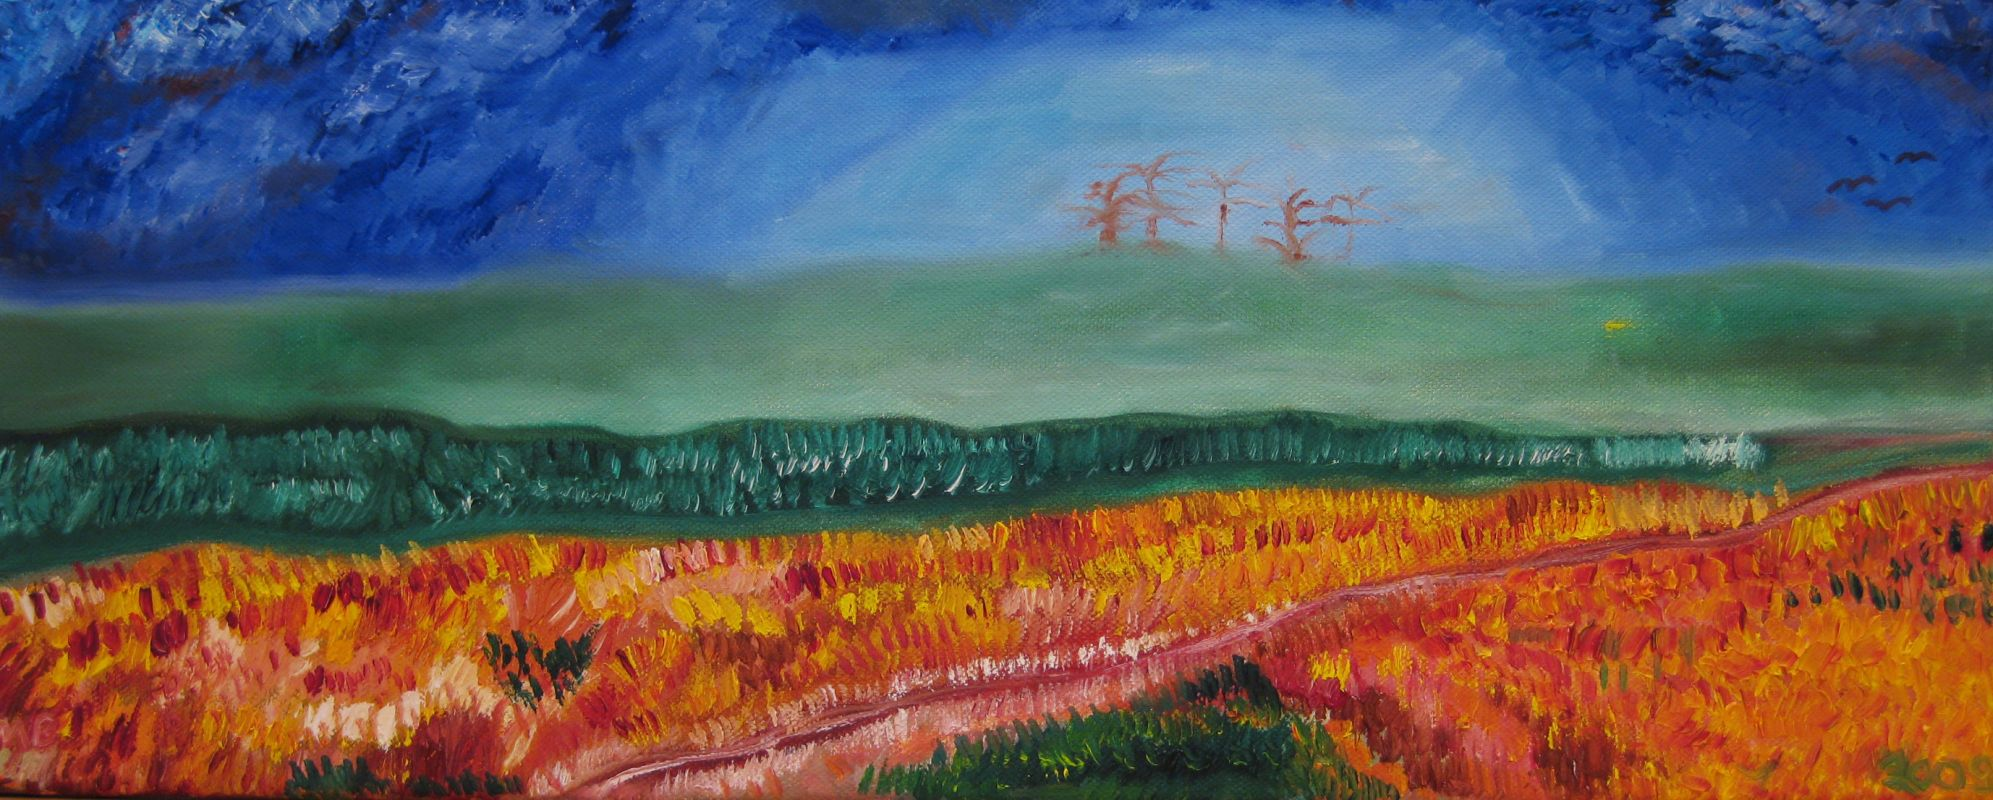 Vor der Winterruhe (2009, 20 x 60 cm) vergeben